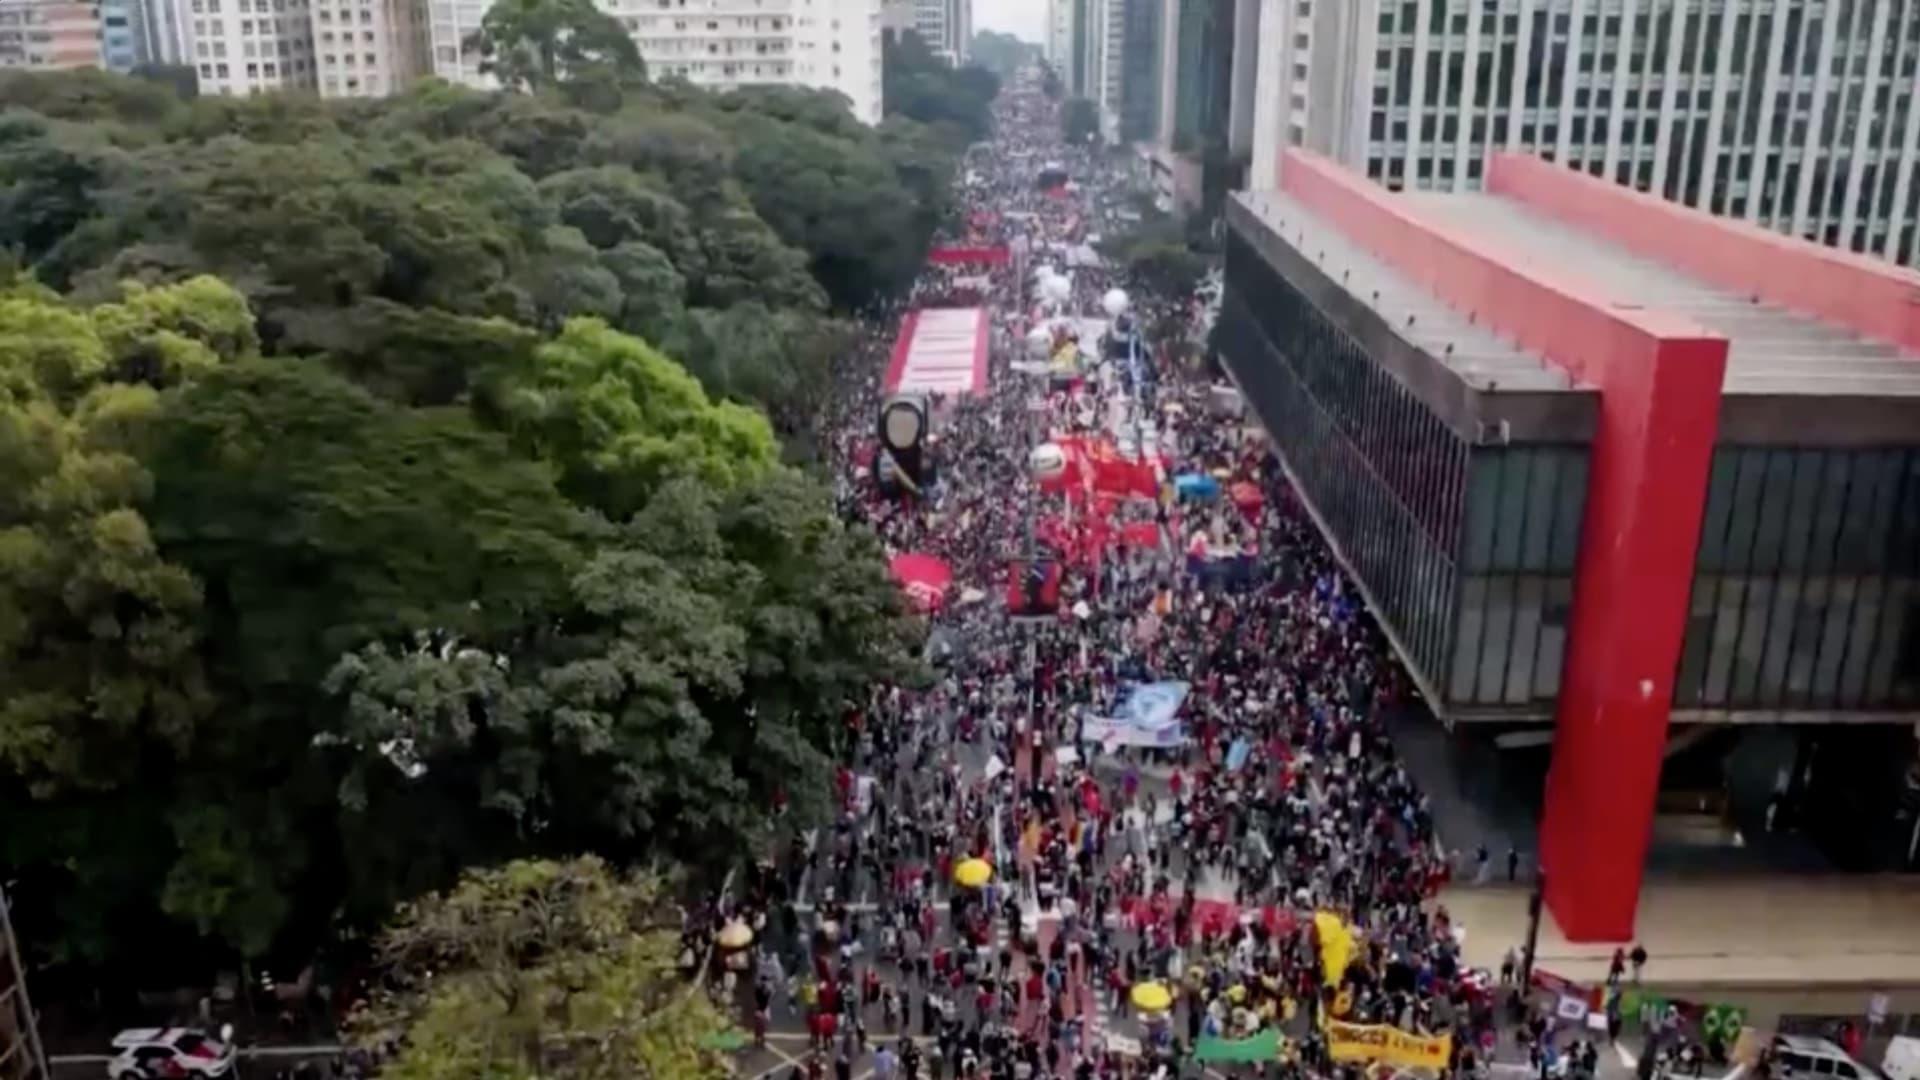 مسيرات في البرازيل تطالب بعزل الرئيس بسبب إدارته لأزمة كورونا